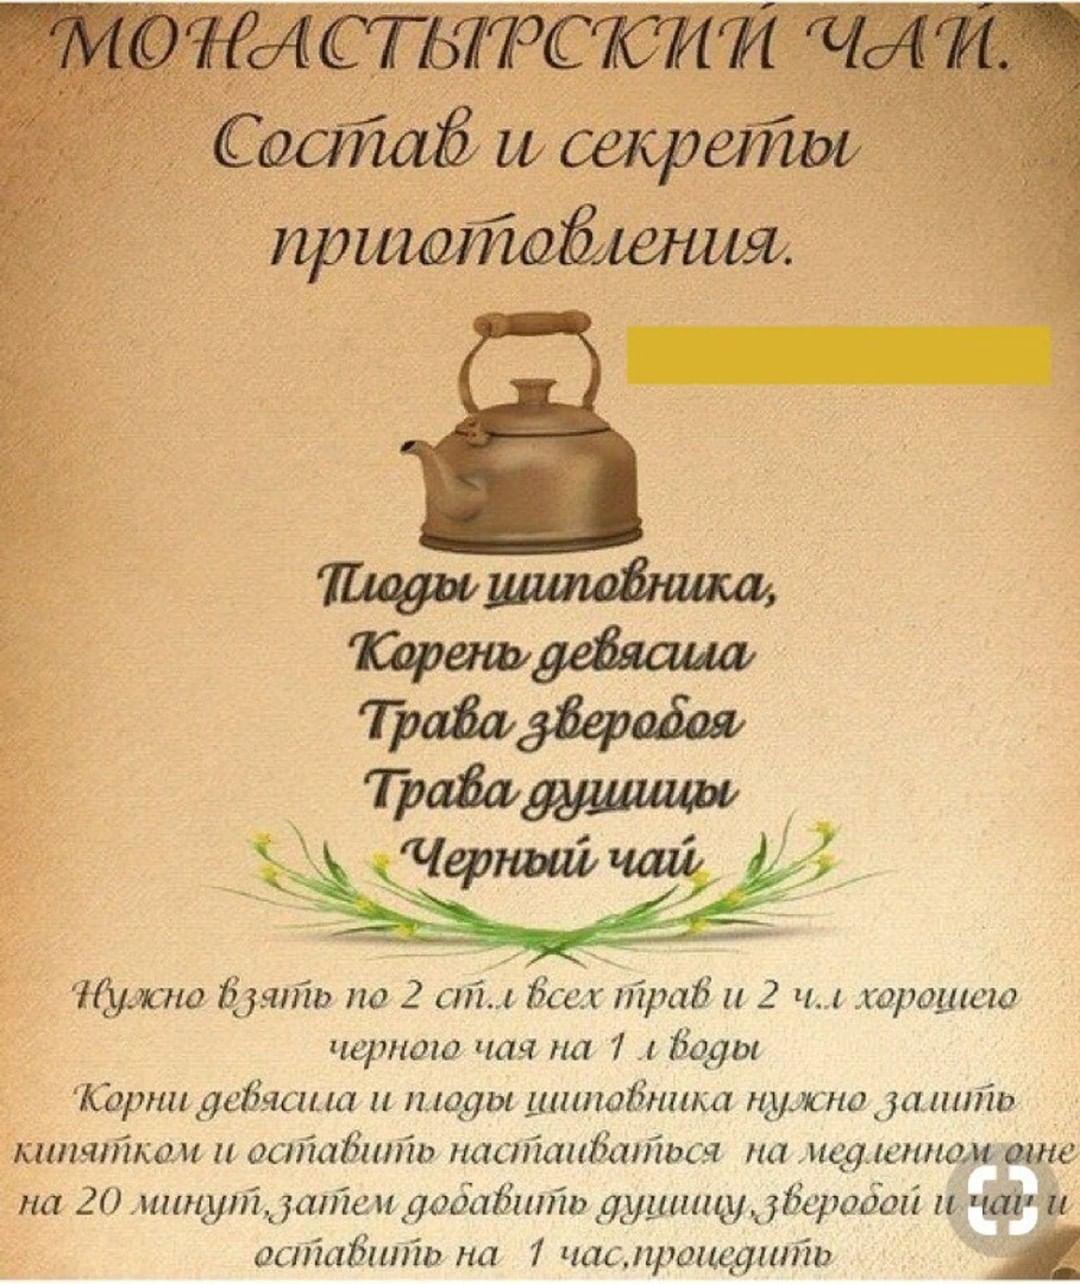 """Понятие """"монастырский чай"""" - это не зарегистрированная товарная марка, с чётко обозначенной рецептурой"""